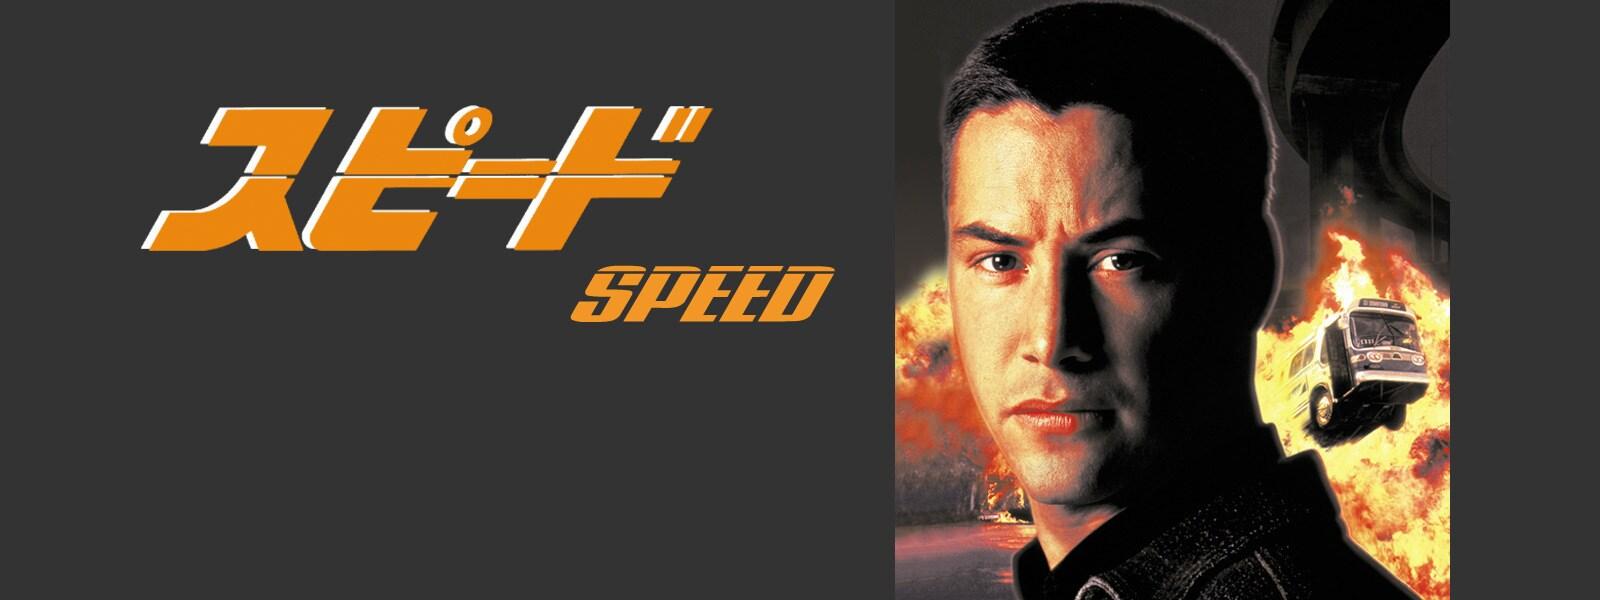 スピード Speed Hero